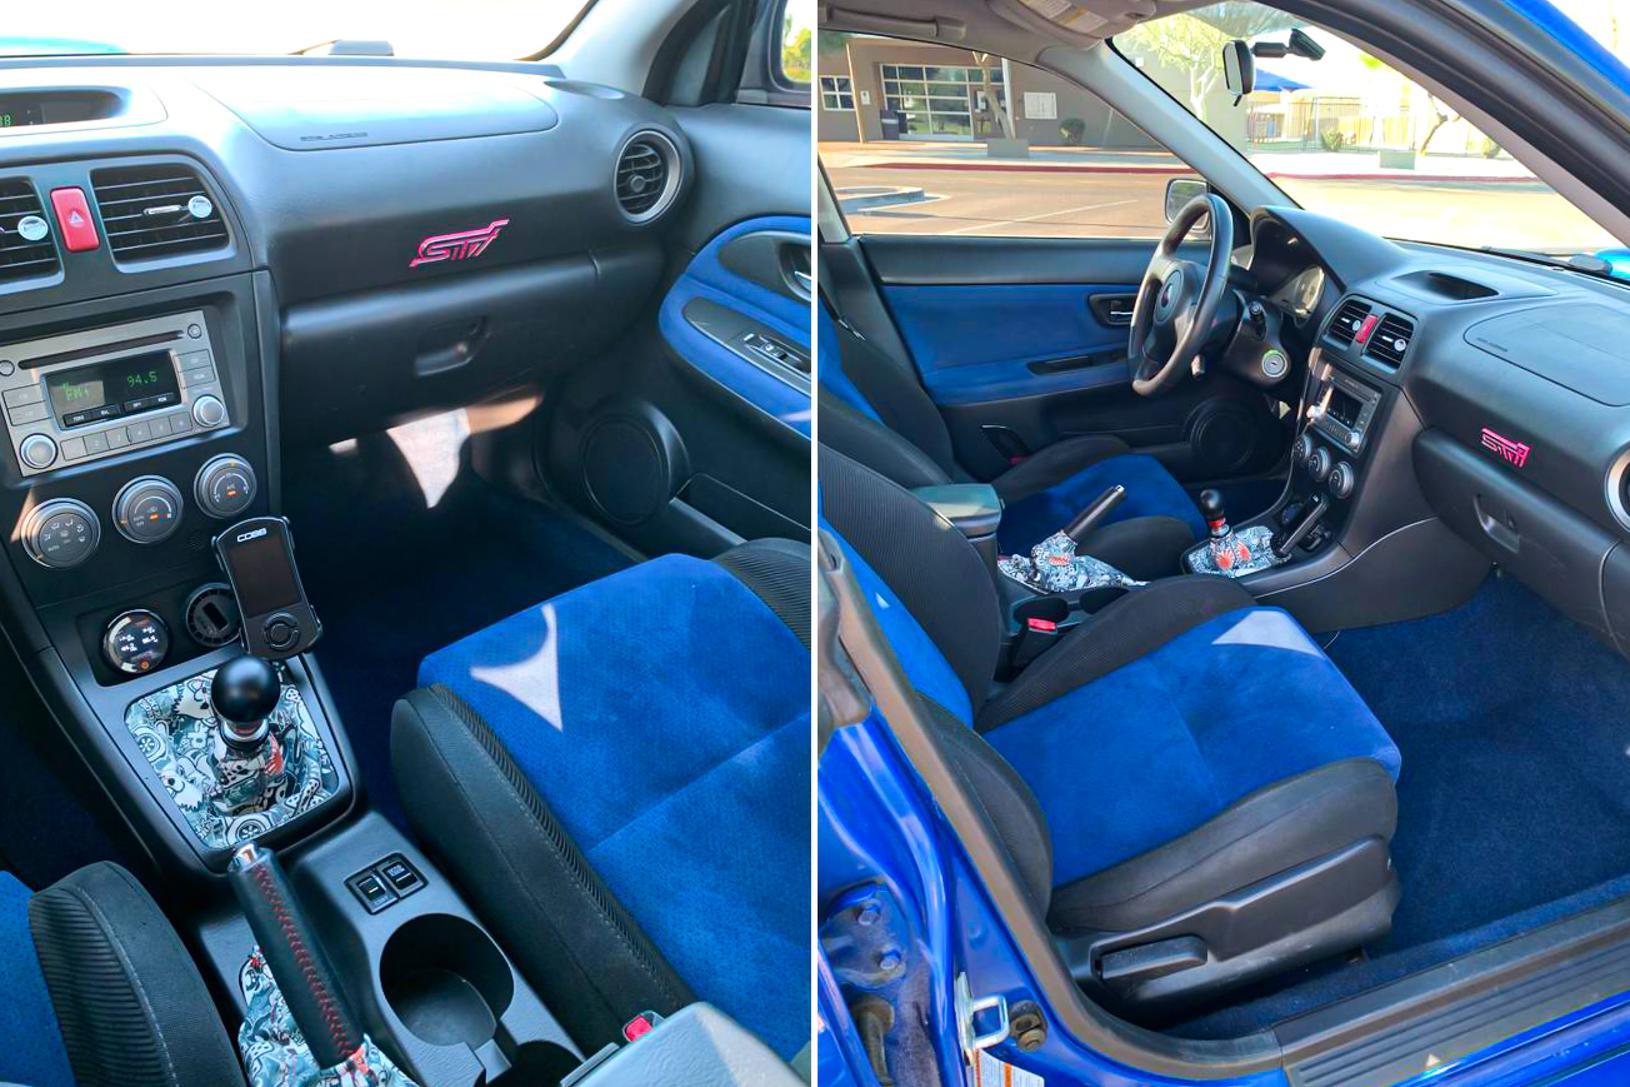 2005 Subaru STi